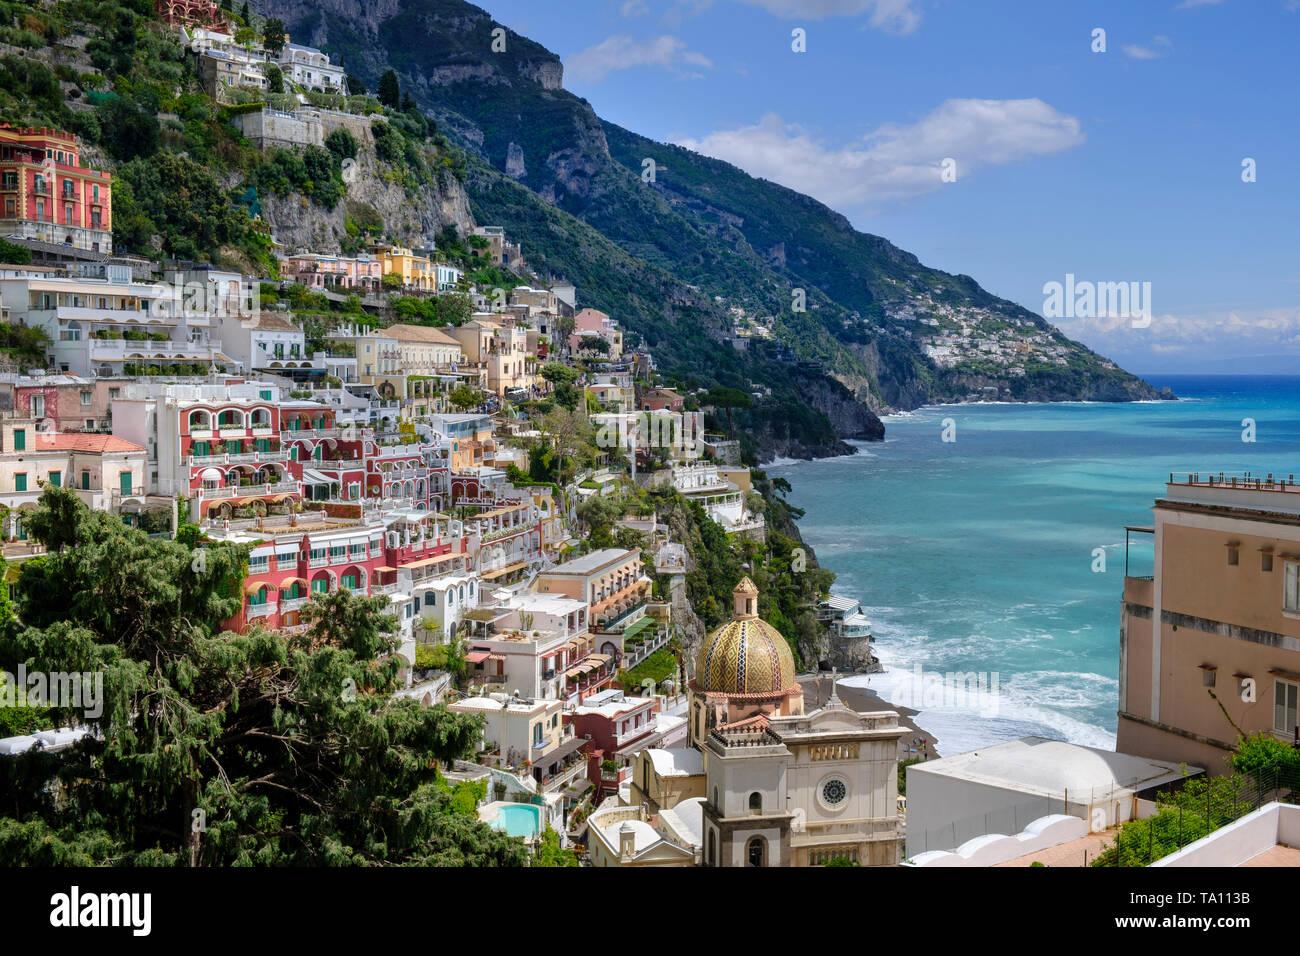 Positano popolare meta di vacanza sulla Costiera Amalfitana in Campania Italia meridionale. La cupola del duomo di Santa Maria Assunta in primo piano. Immagini Stock